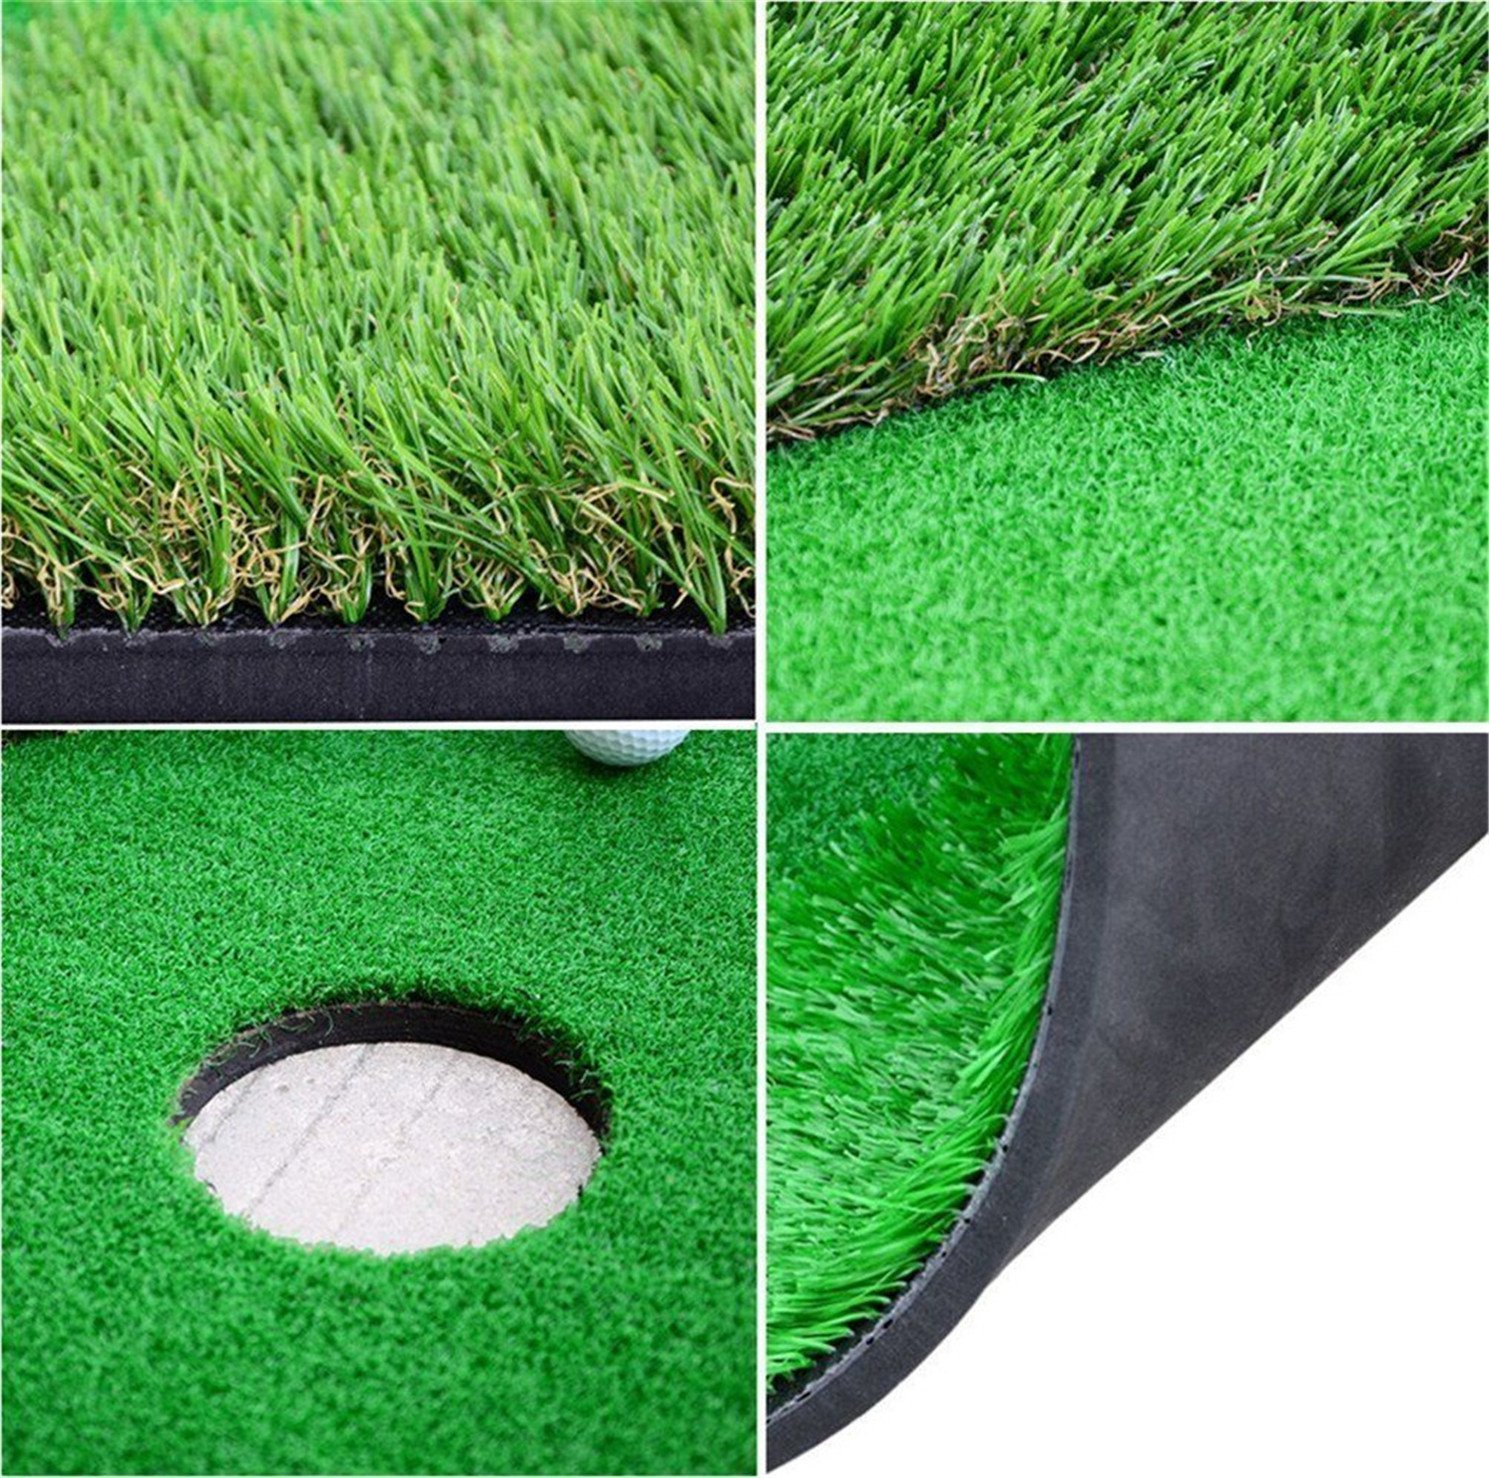 77tech Large Artificial Grass Golf Putting Green Mat Indoor/Outdoor Golf Training Aid Equipment Mat (2.5ftx10ft) by 77tech